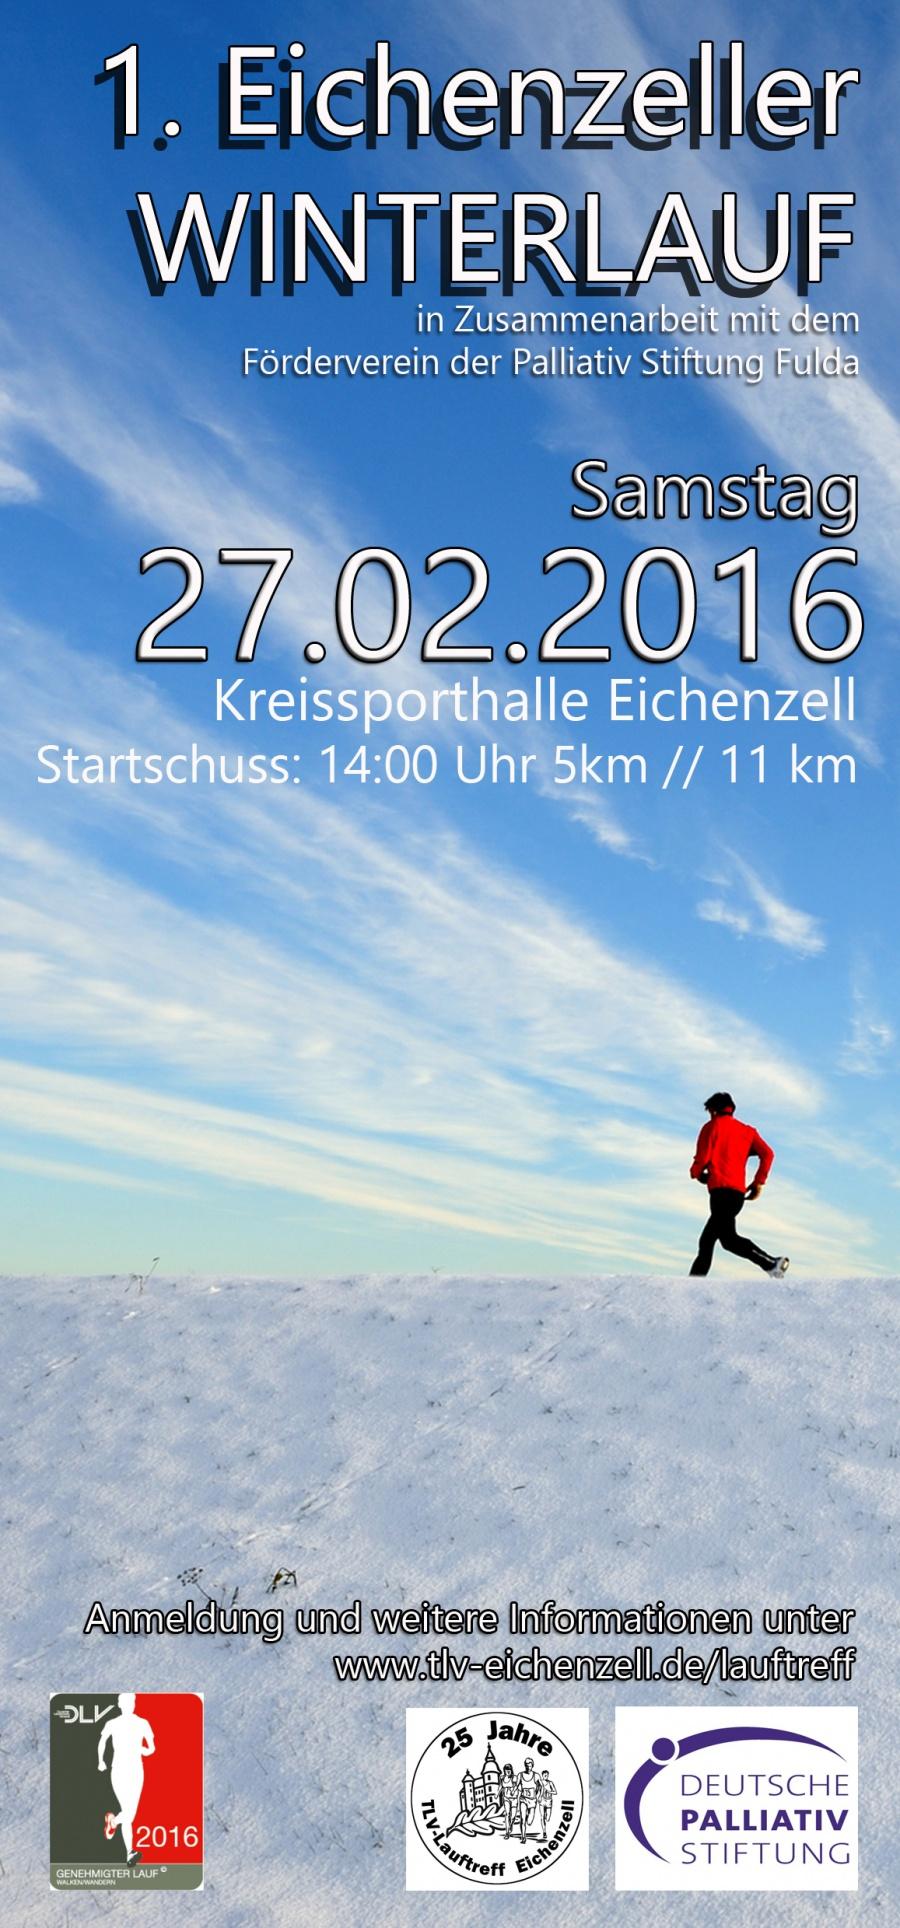 1. Eichenzeller Winterlauf